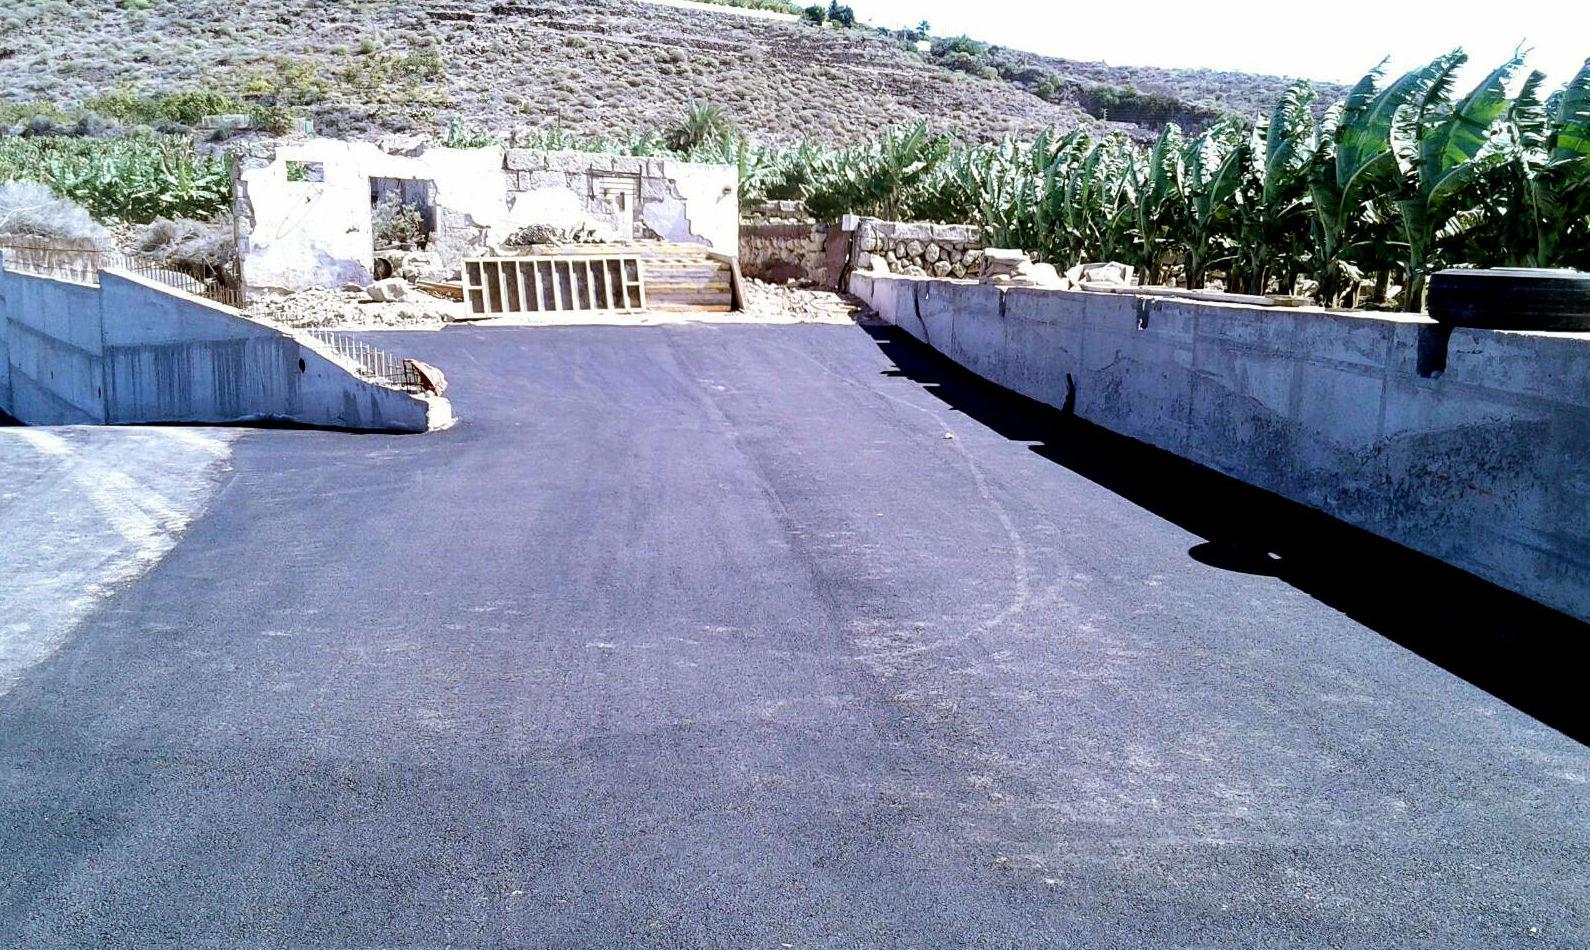 Empresas de asfaltos en Tenerife